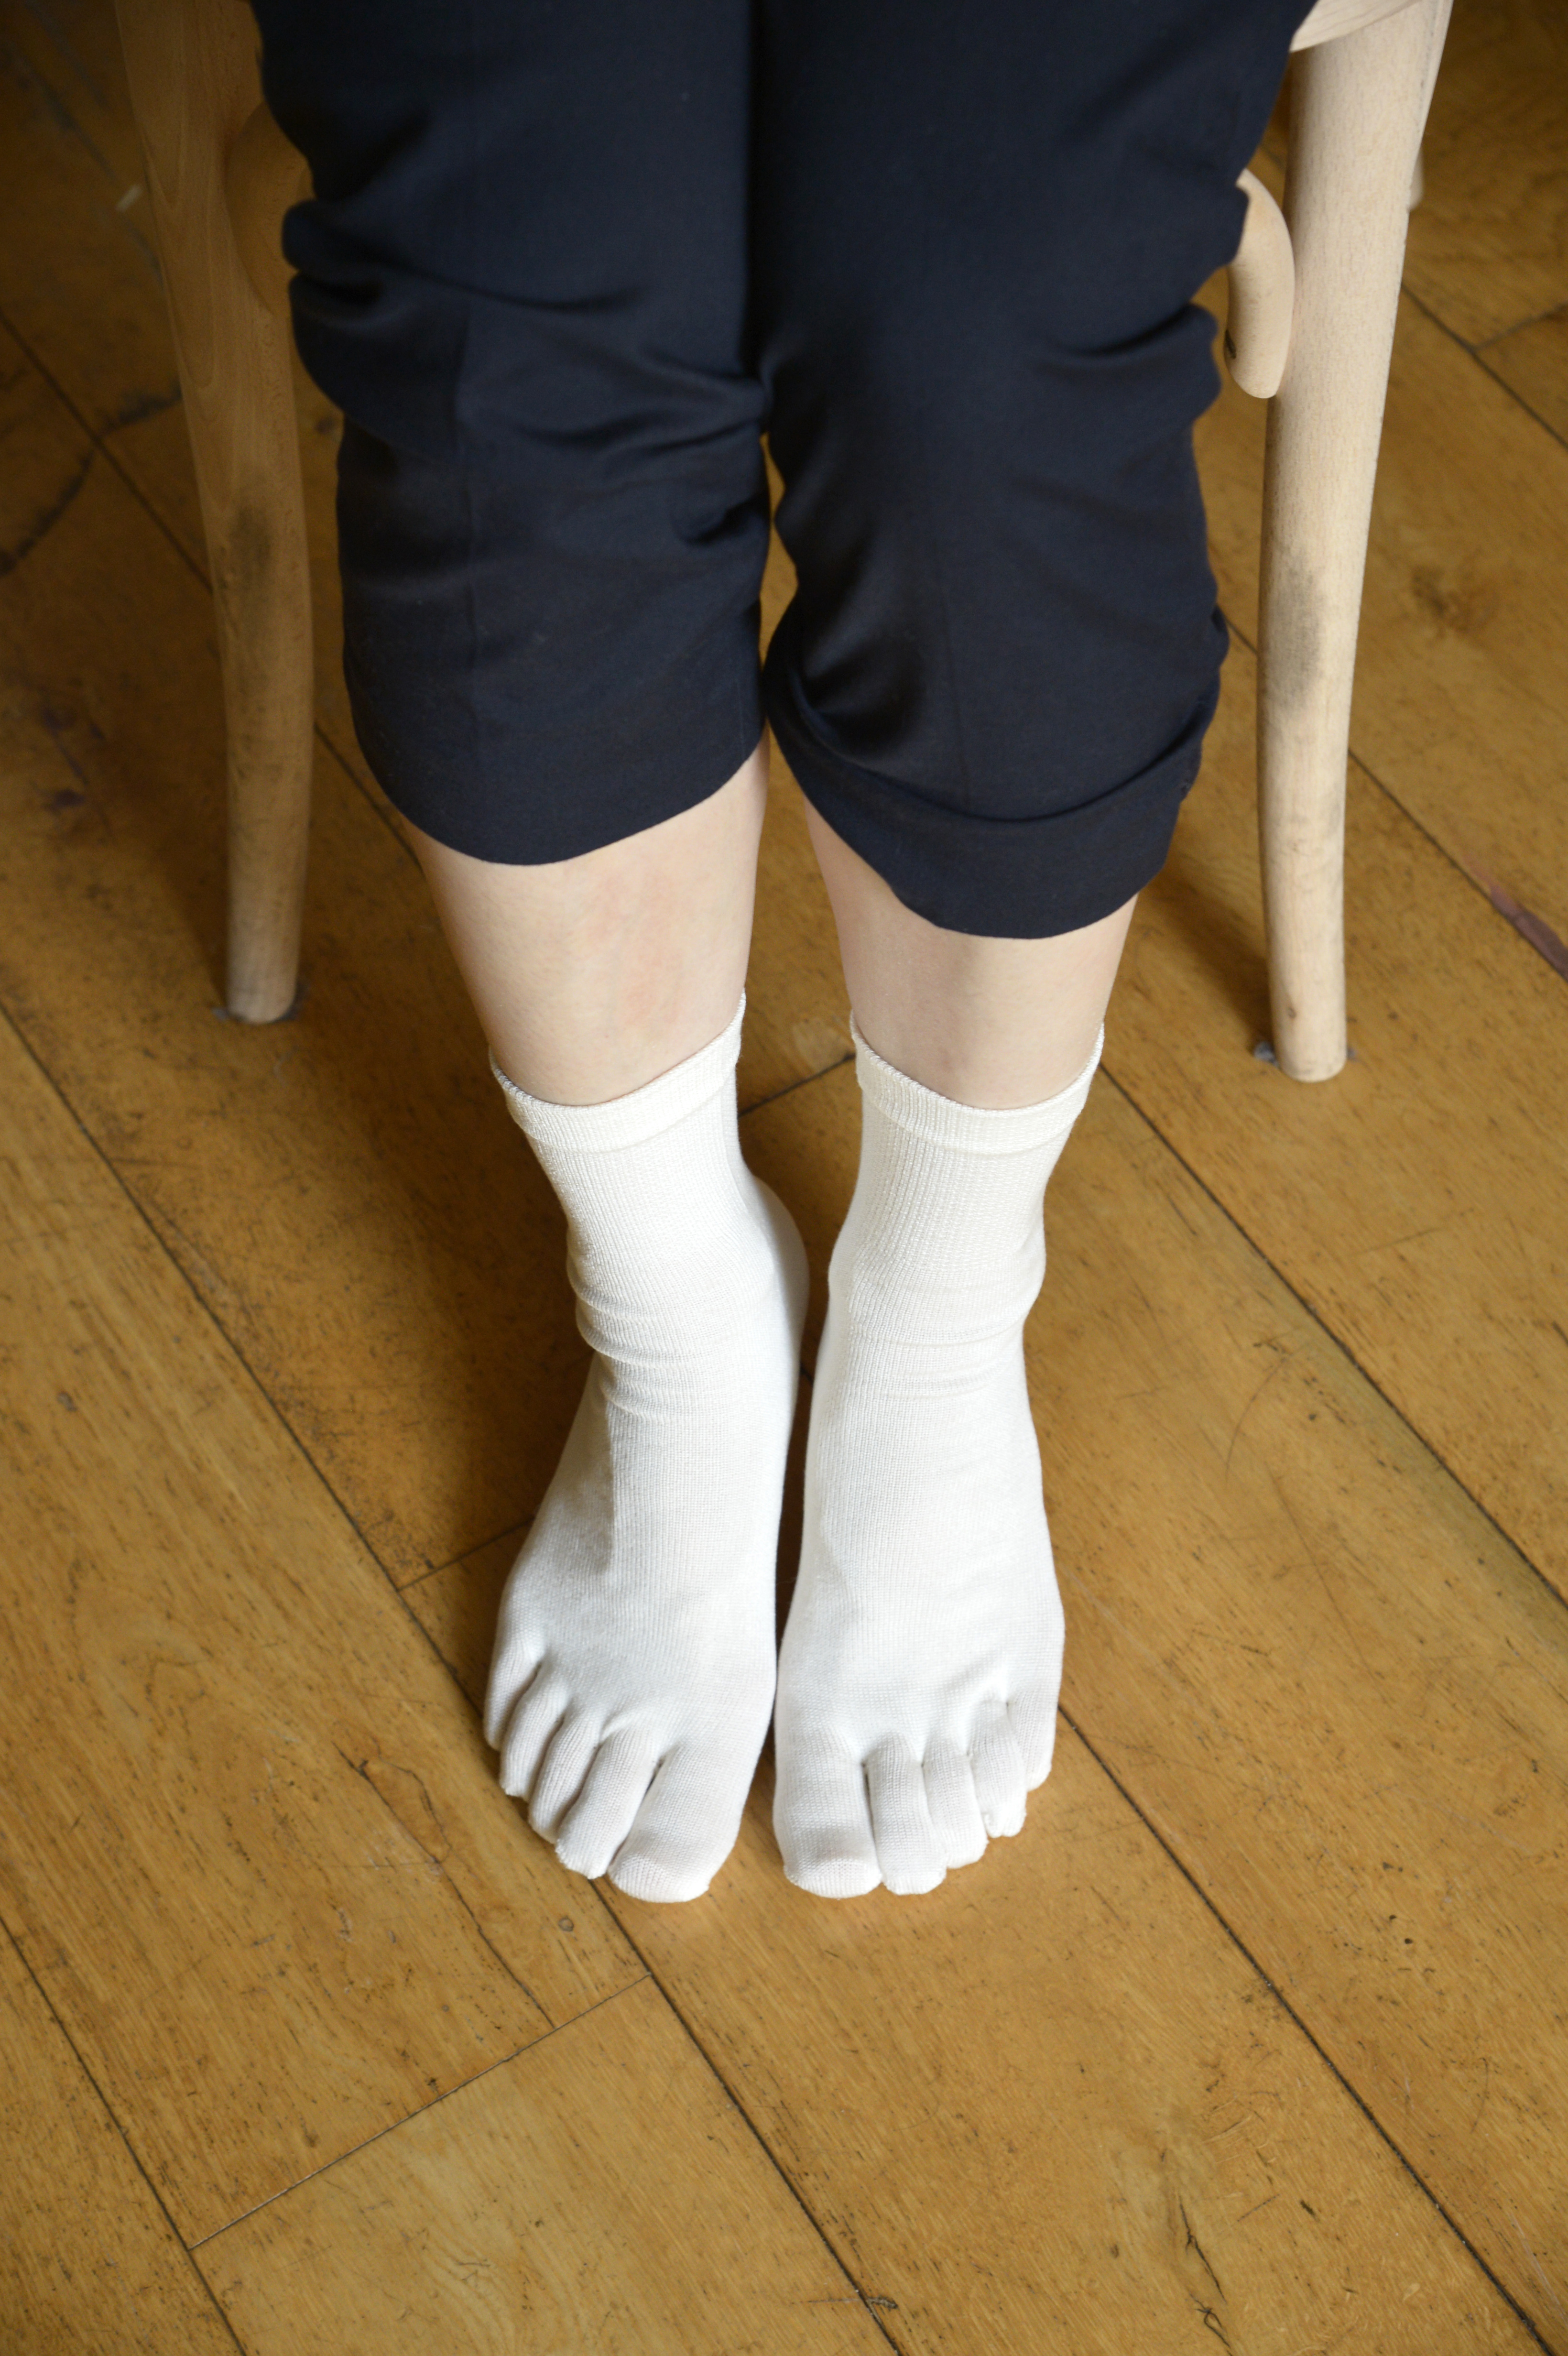 シルク紬糸5本指ソックス